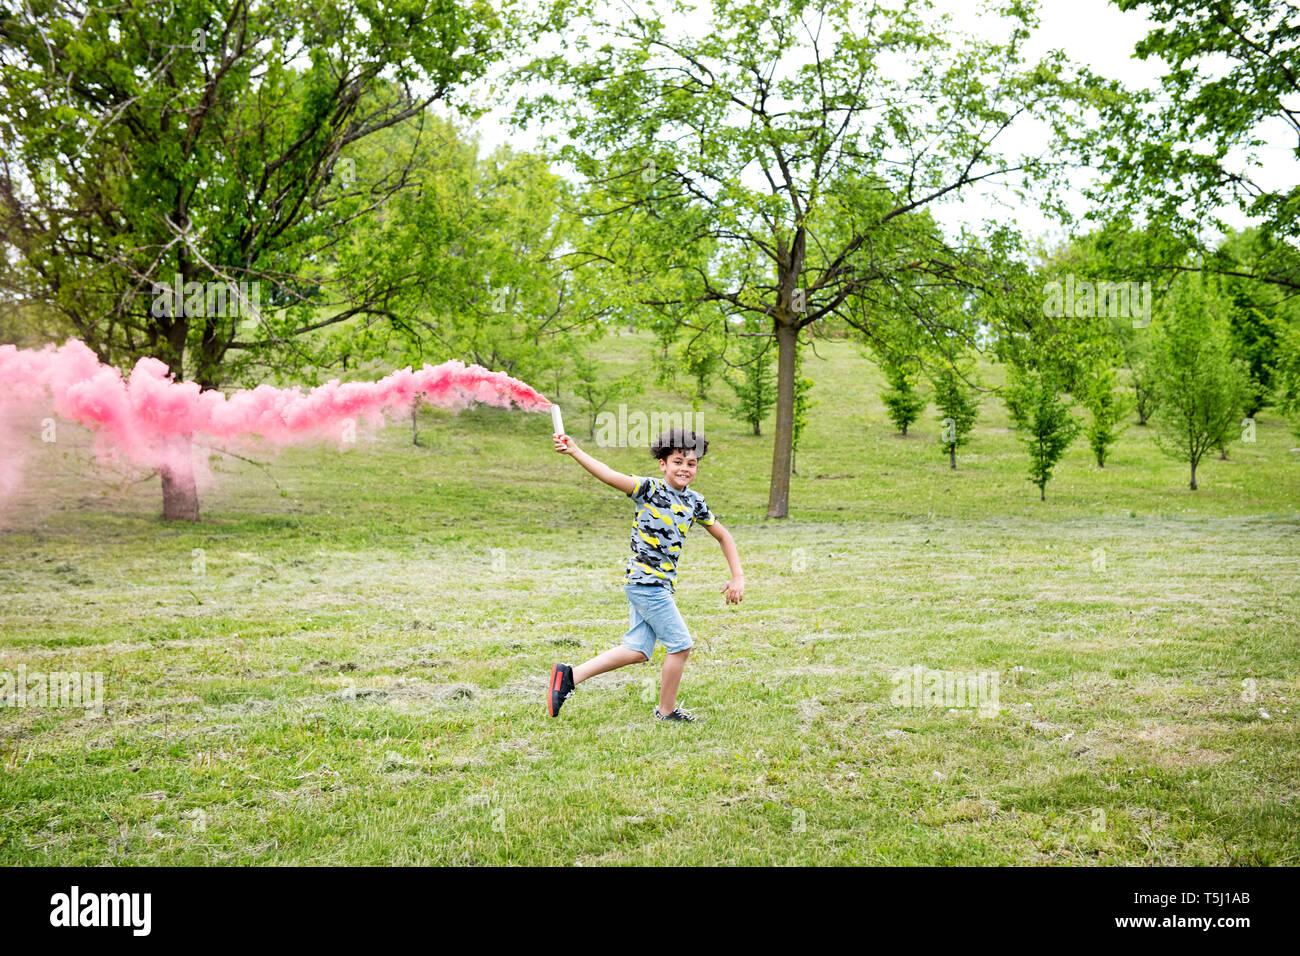 Jeune garçon courir avec un flare rose coloré de fuite de fumée rose derrière lui dans l'herbe dans un parc aux arbres de ressort Banque D'Images